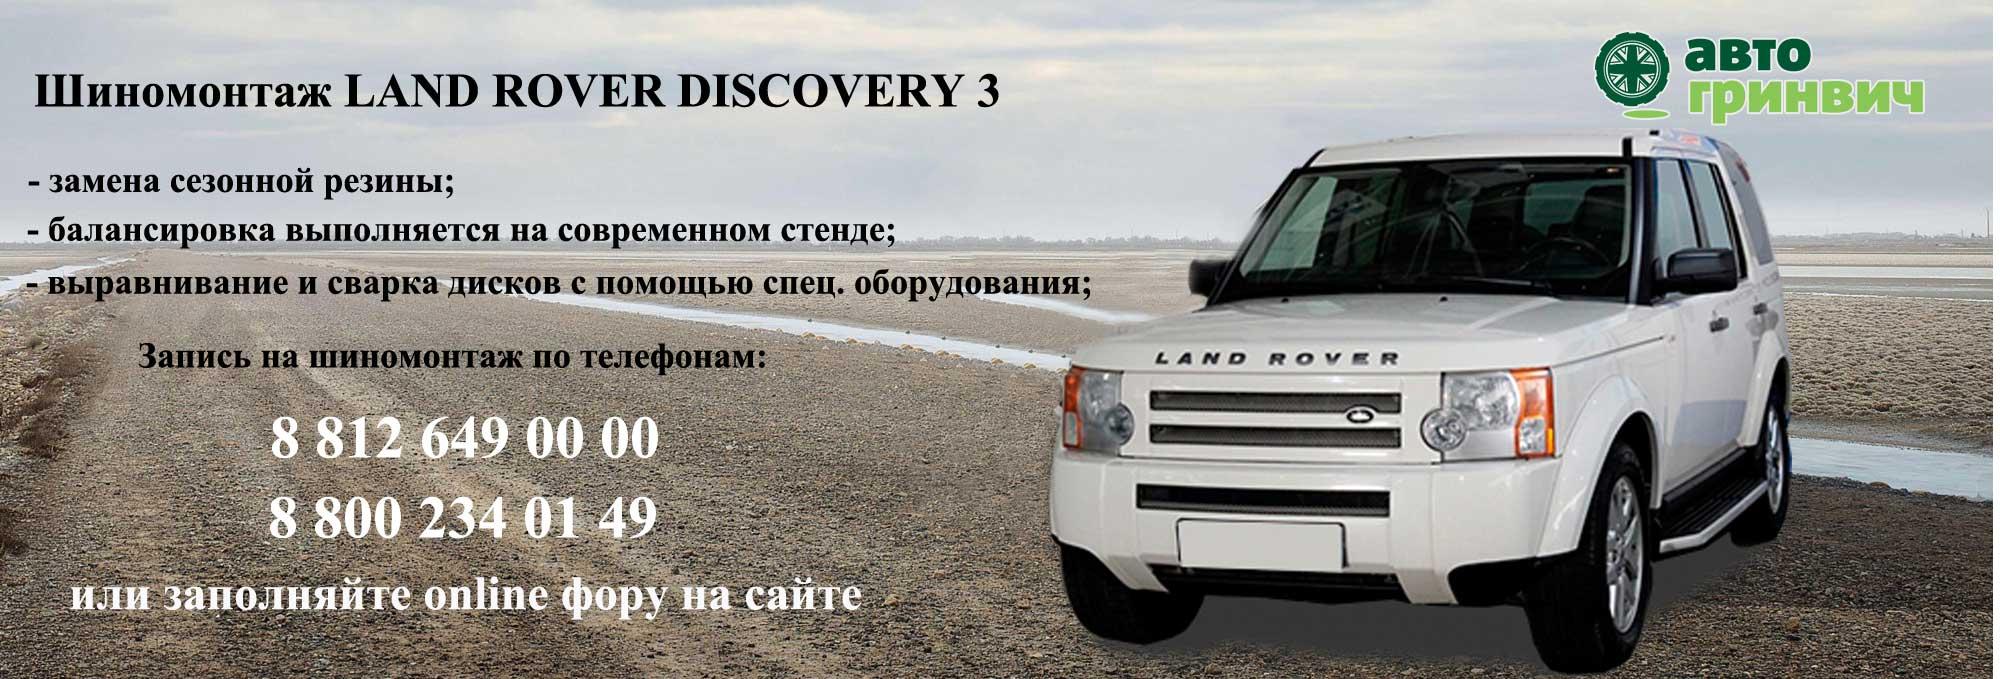 Шиномонтаж Discovery 3